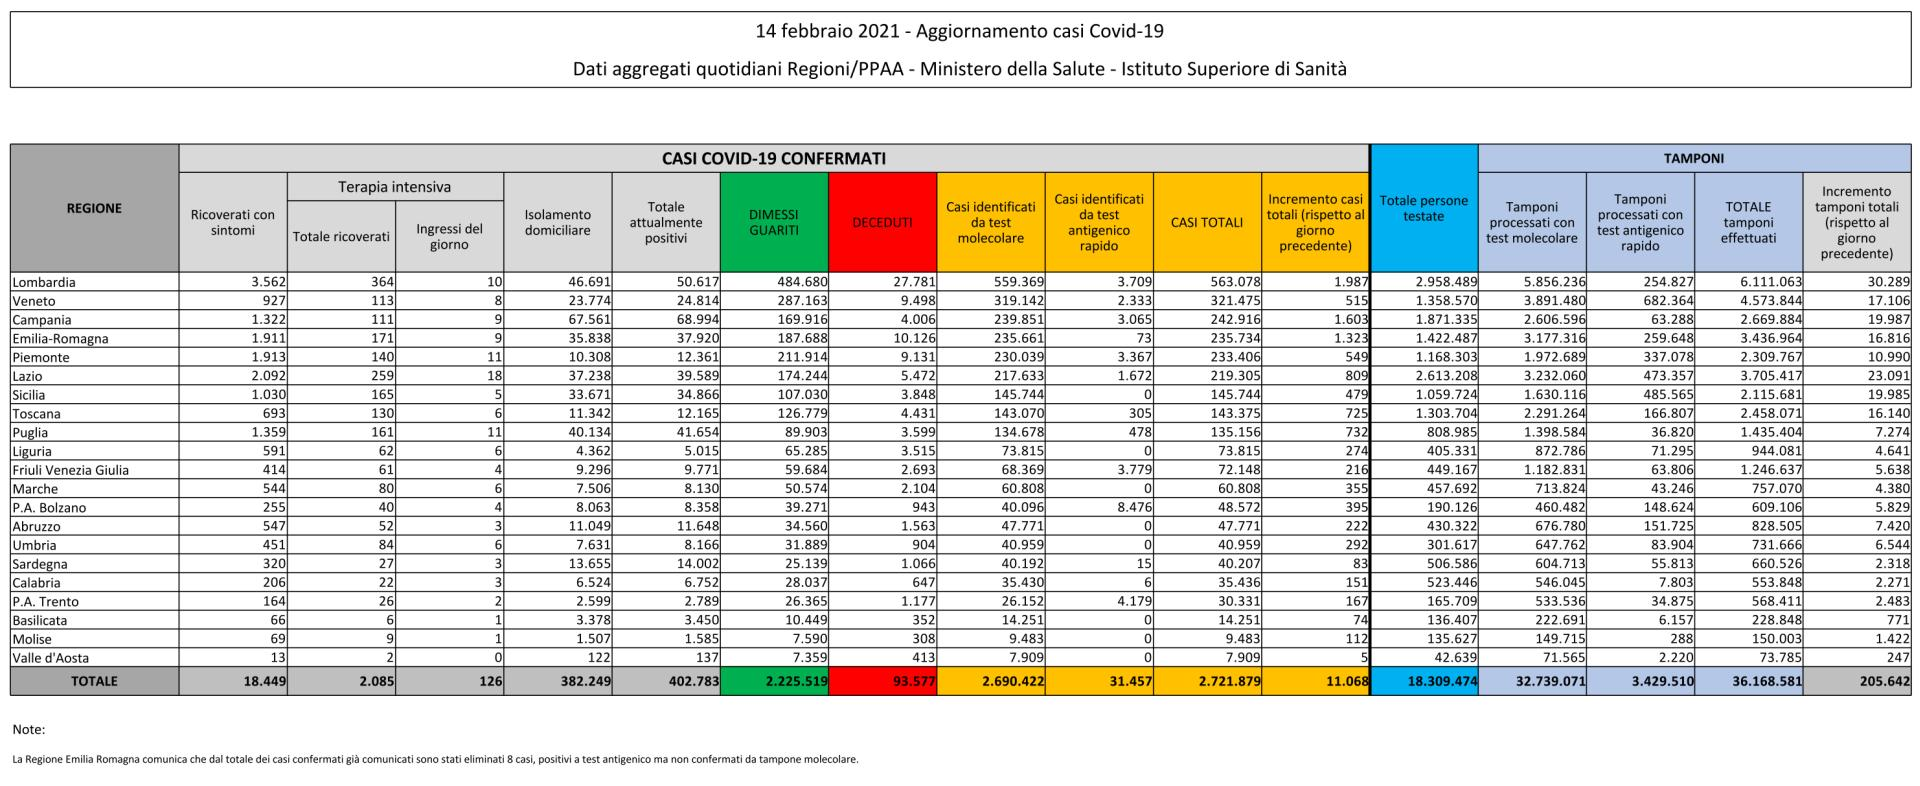 14 febbraio 2021 - Aggiornamento casi Covid-19 Dati aggregati quotidiani Regioni/PPAA - Ministero della Salute - Istituto Superiore di Sanità